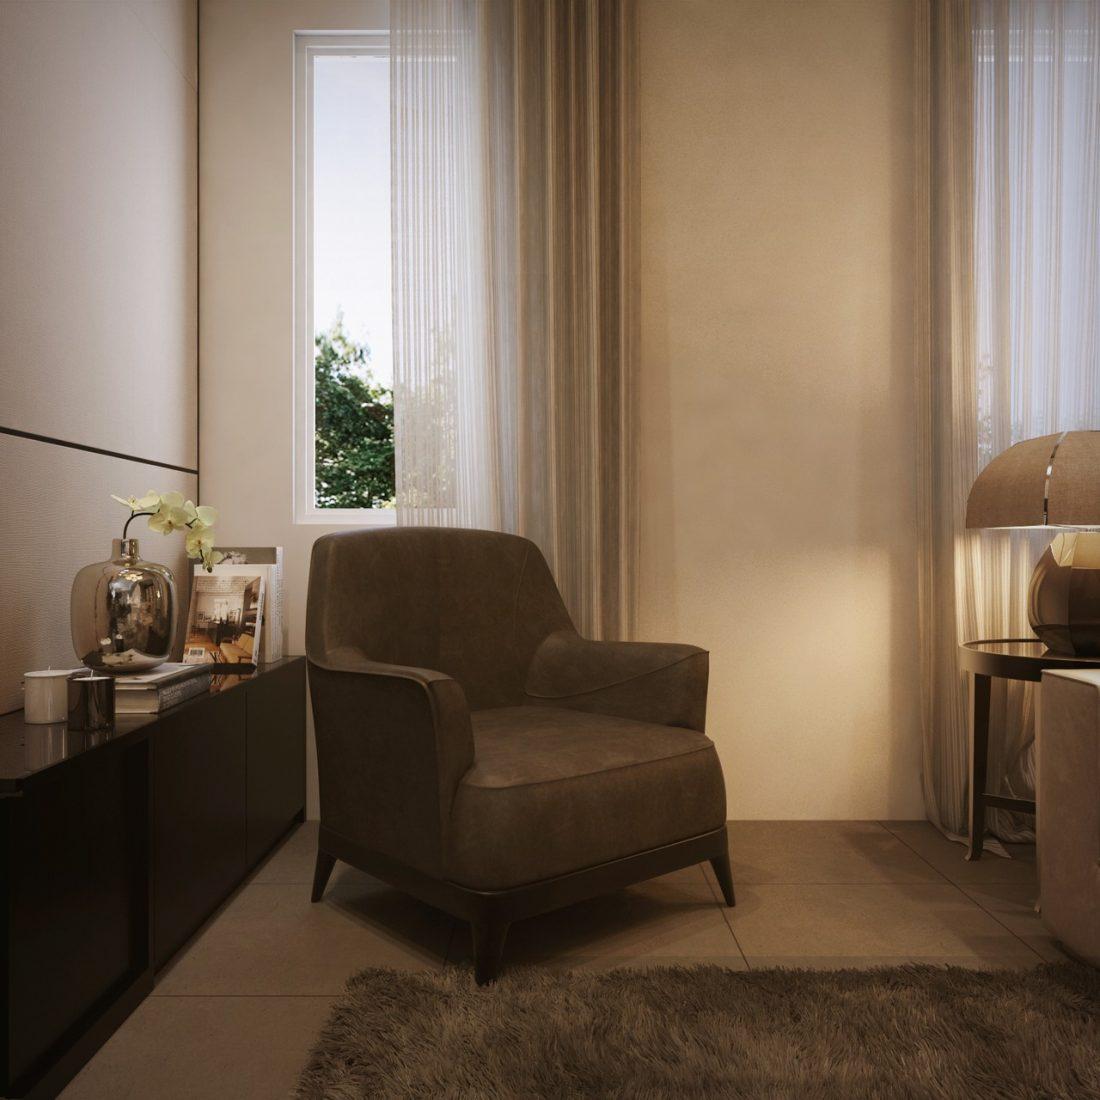 Interior Design SA65 Simpang Ampat Penang Malaysia Living Room Design v3